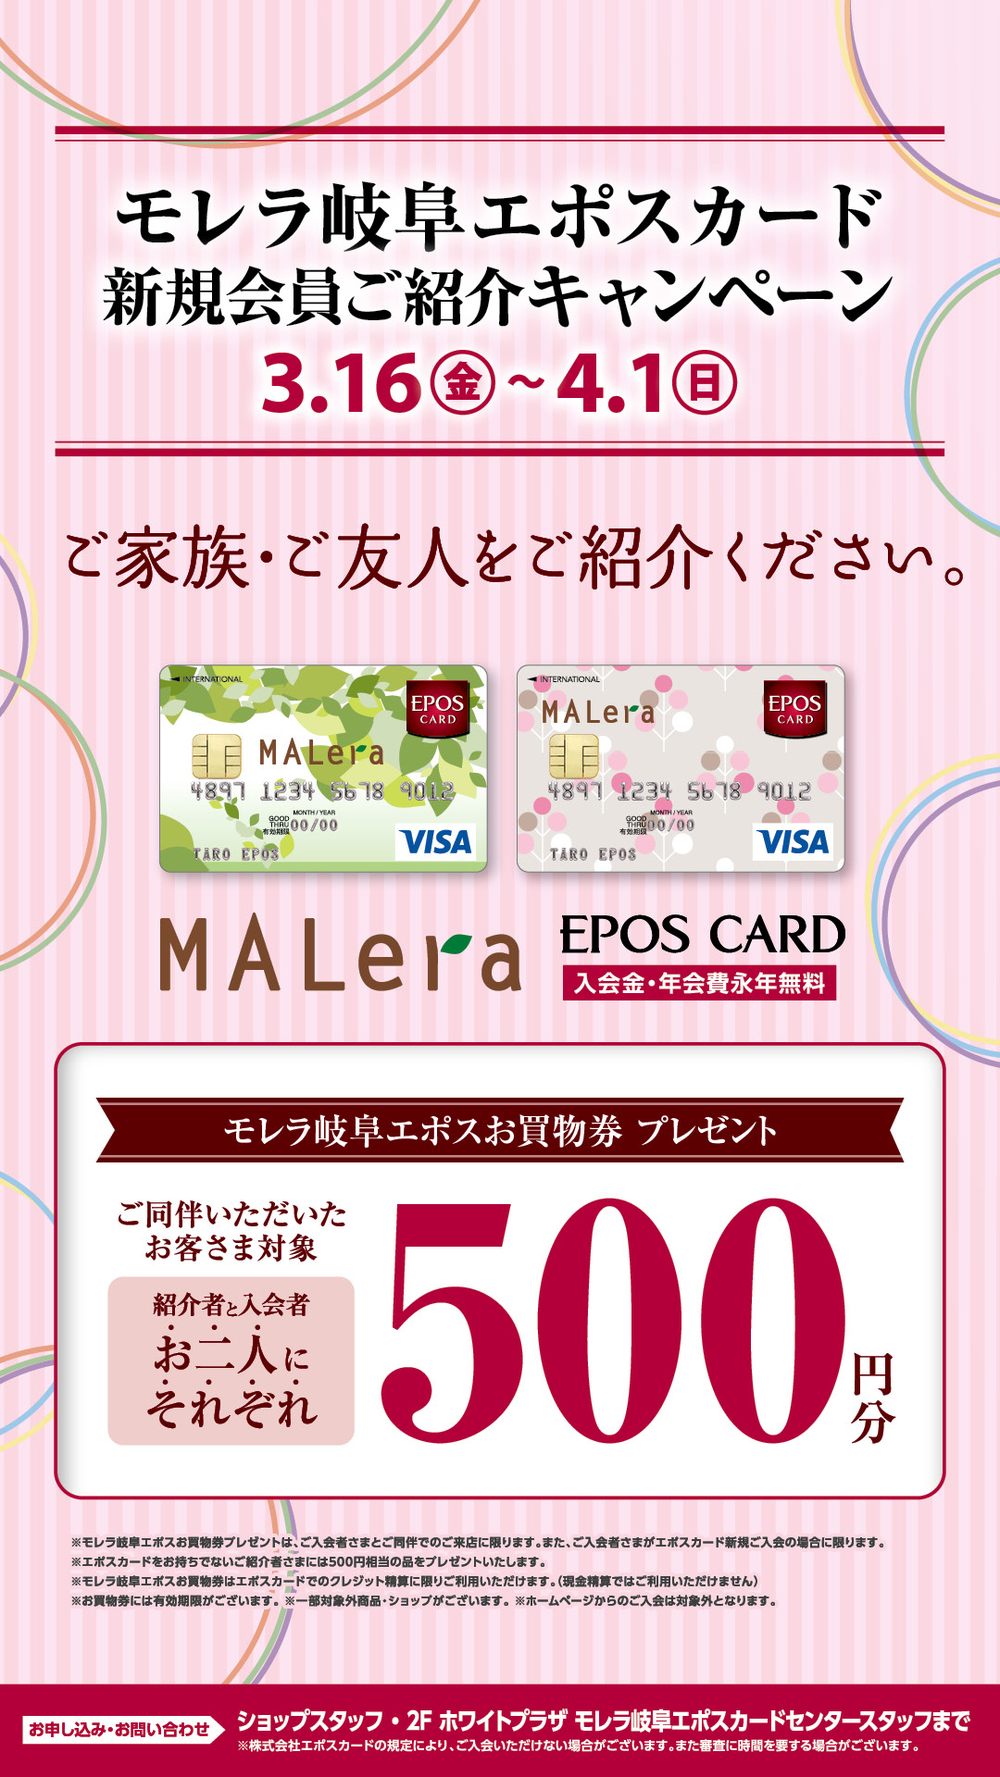 モレラ岐阜エポスカードセンター